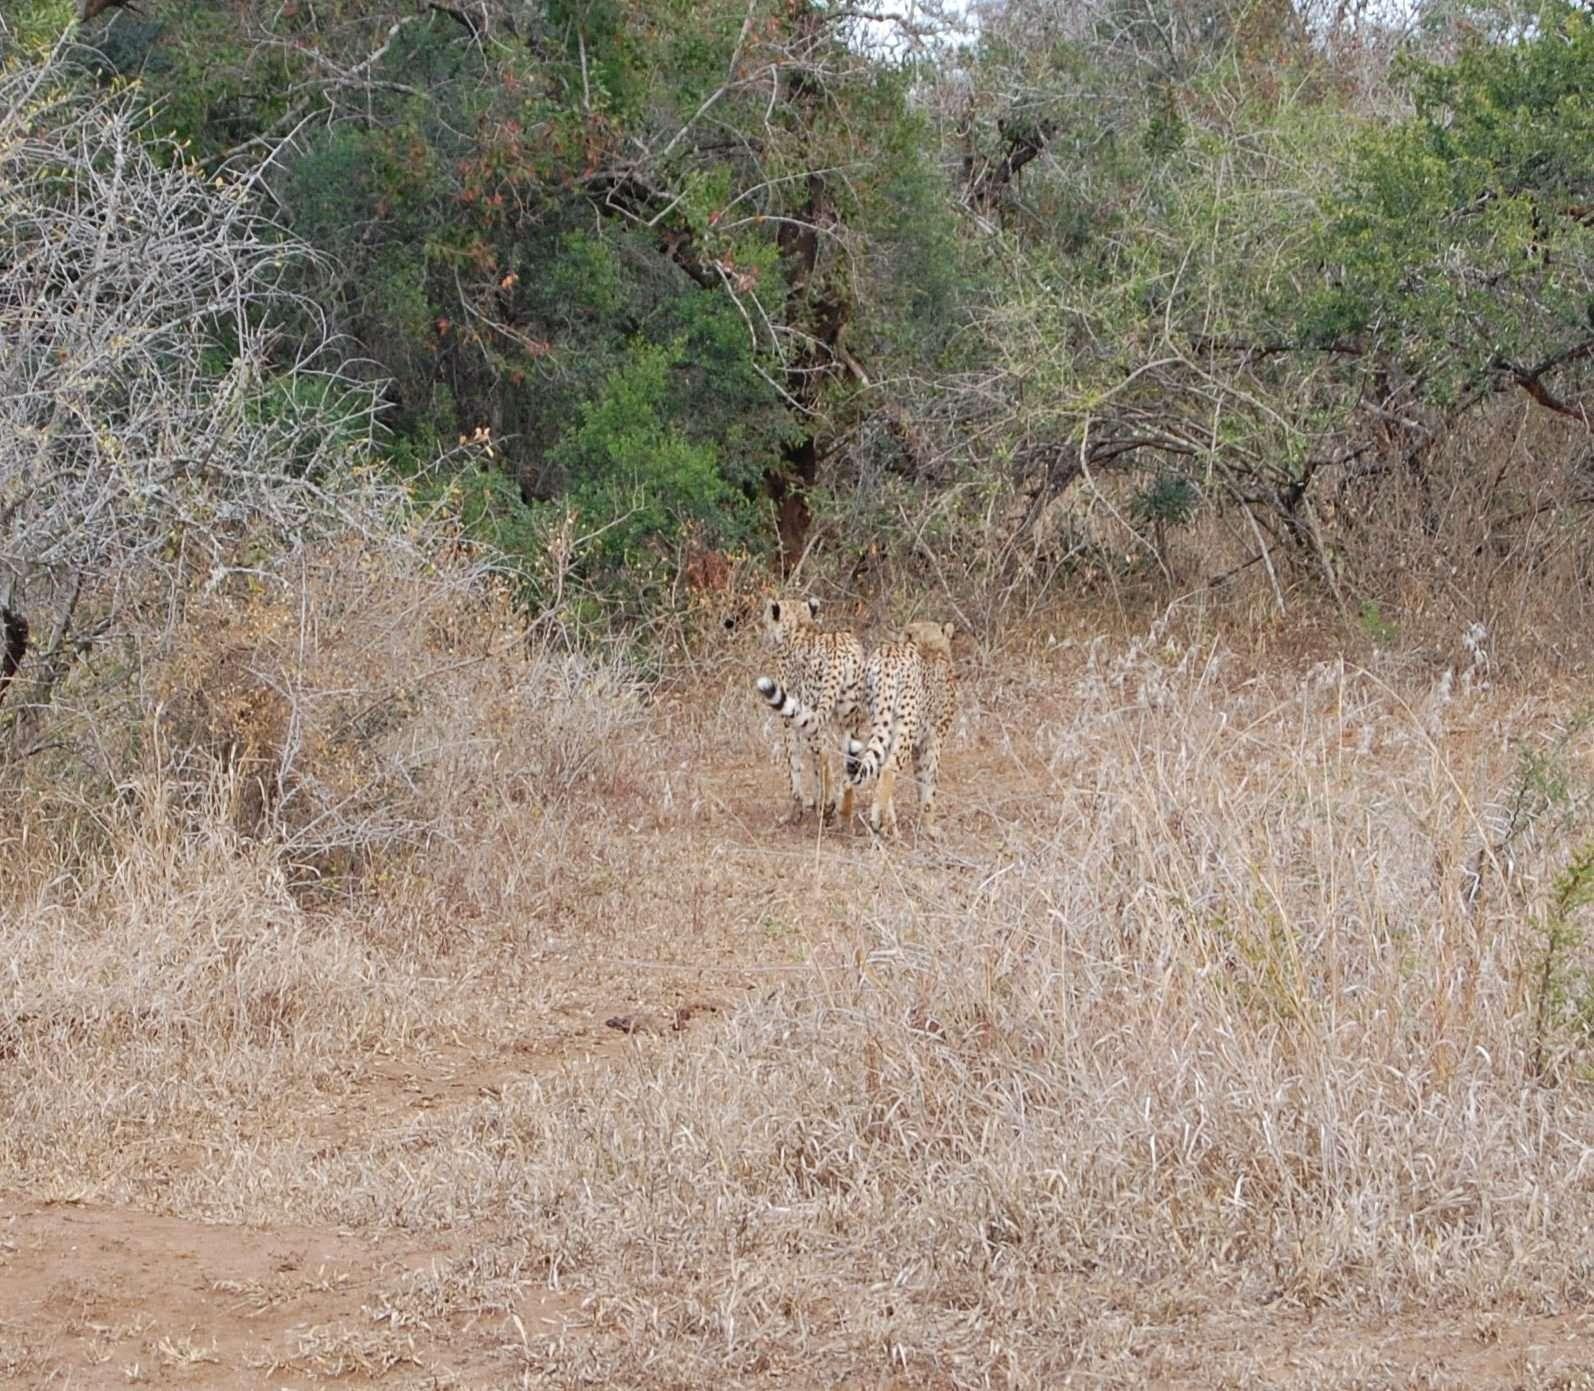 Photo cheetahs Hluhluwe - Imfolozi Park